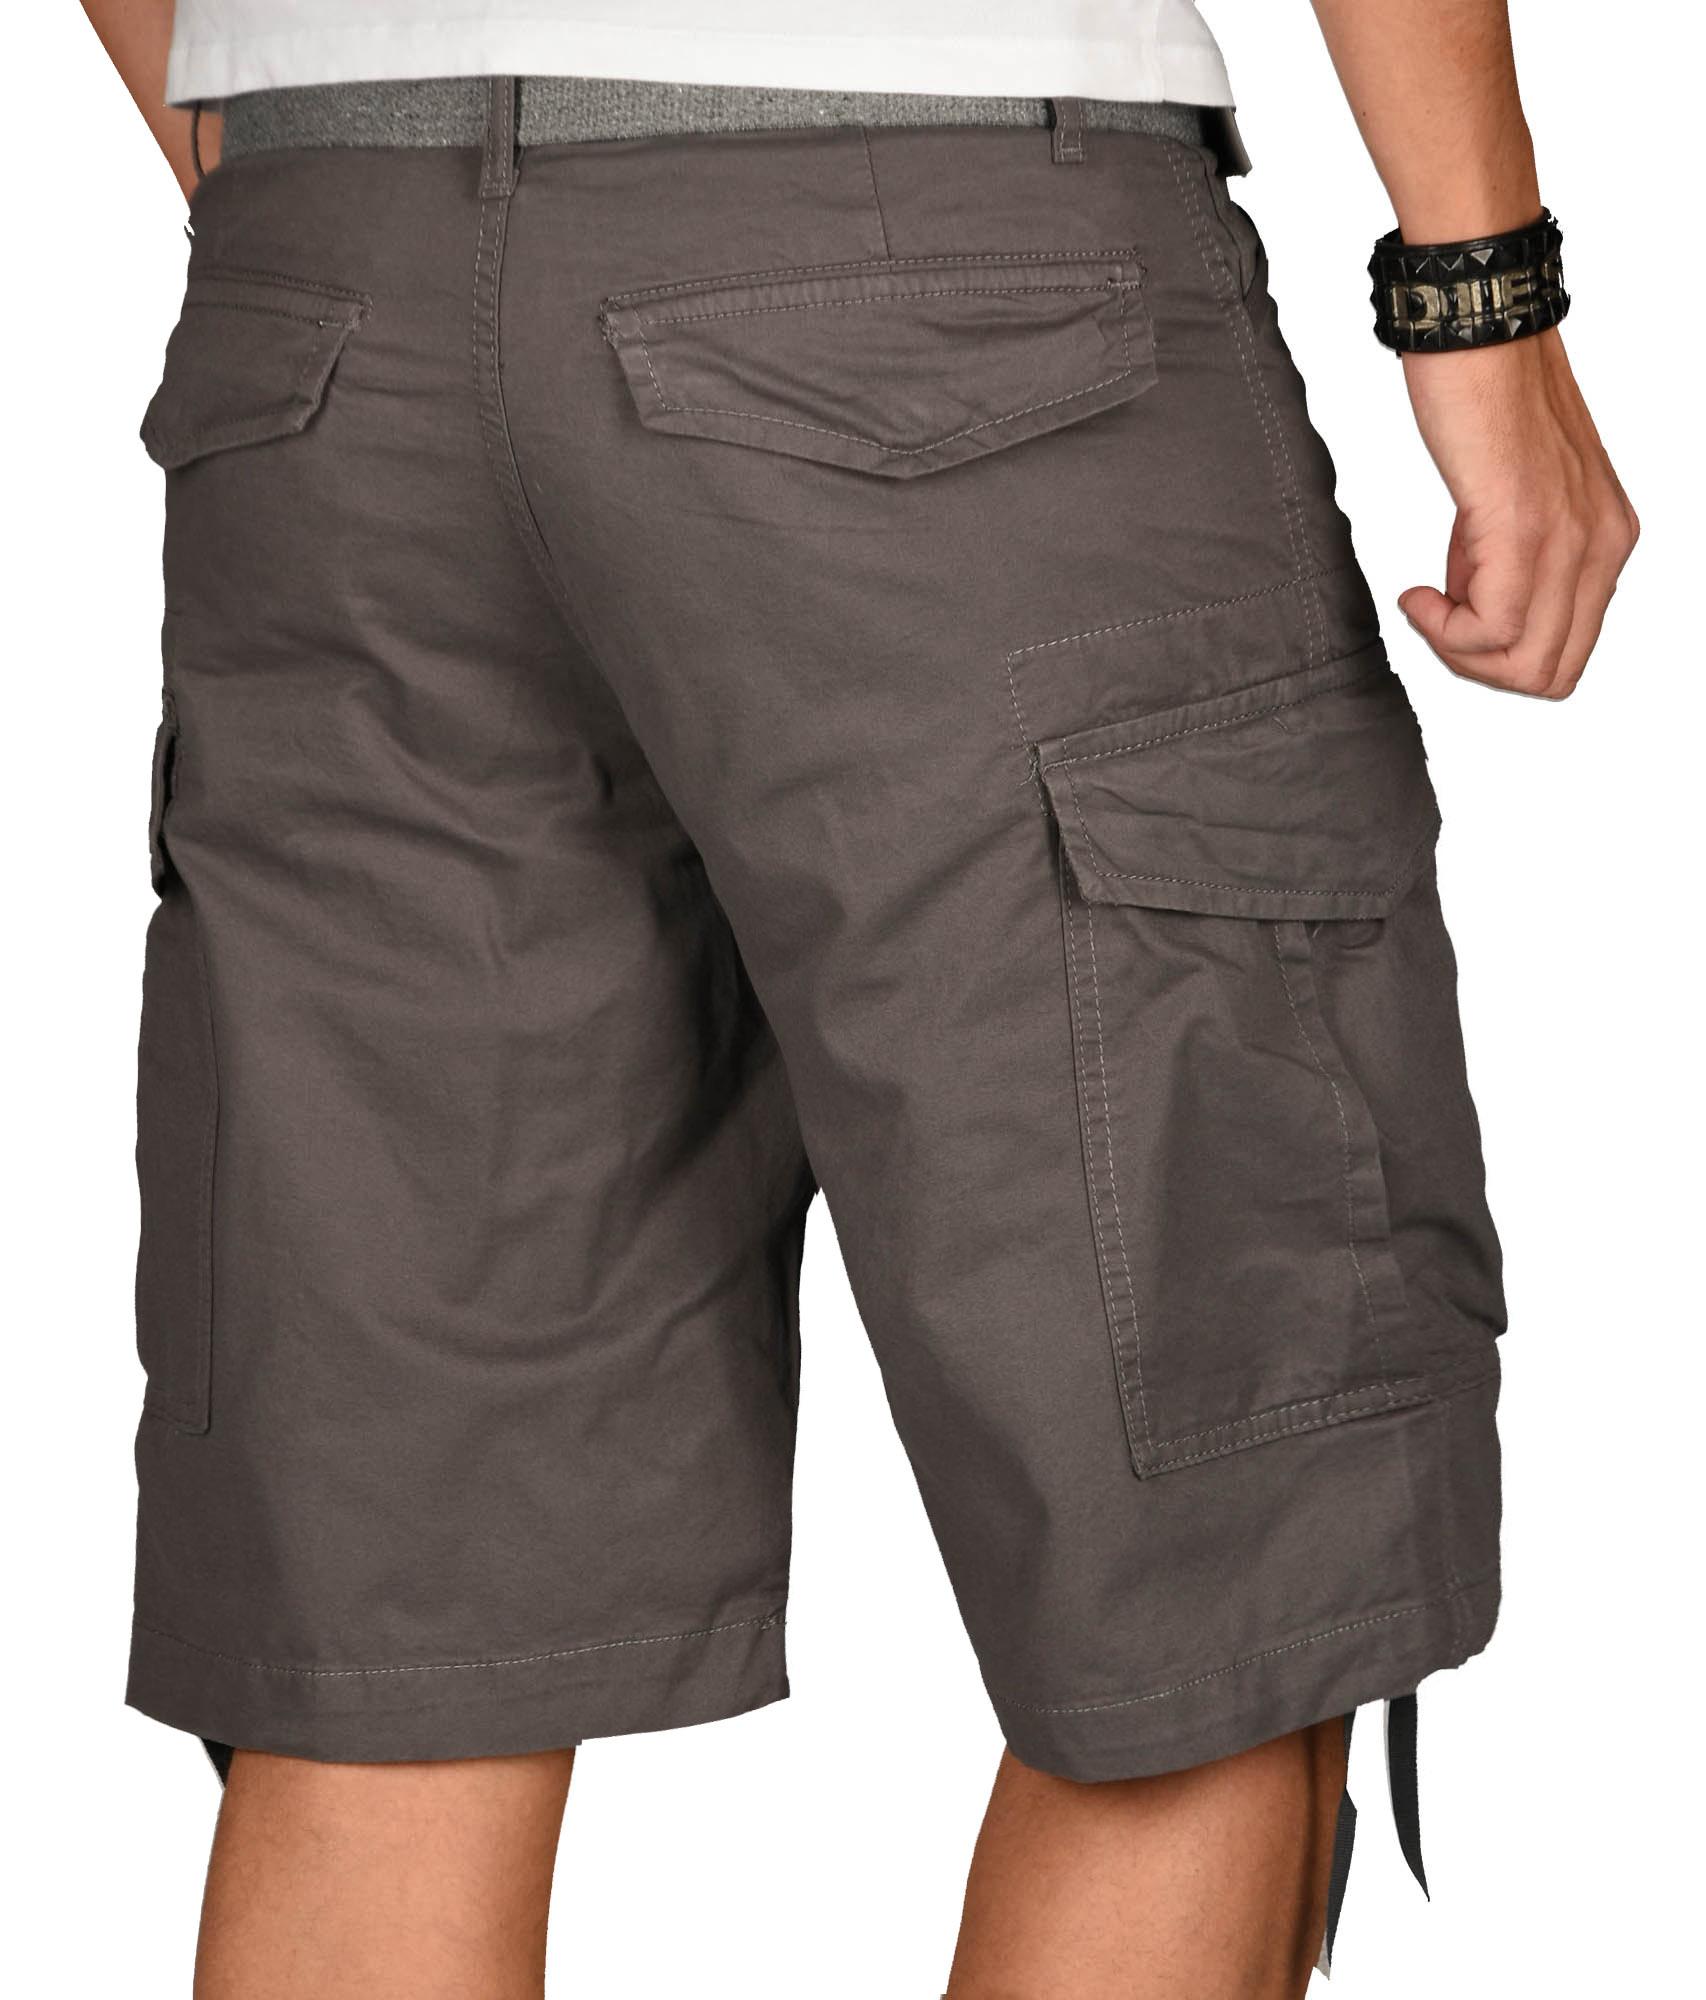 A-Salvarini-Herren-Comfort-Cargo-Shorts-Cargoshorts-kurze-Hose-Guertel-AS133-NEU Indexbild 12